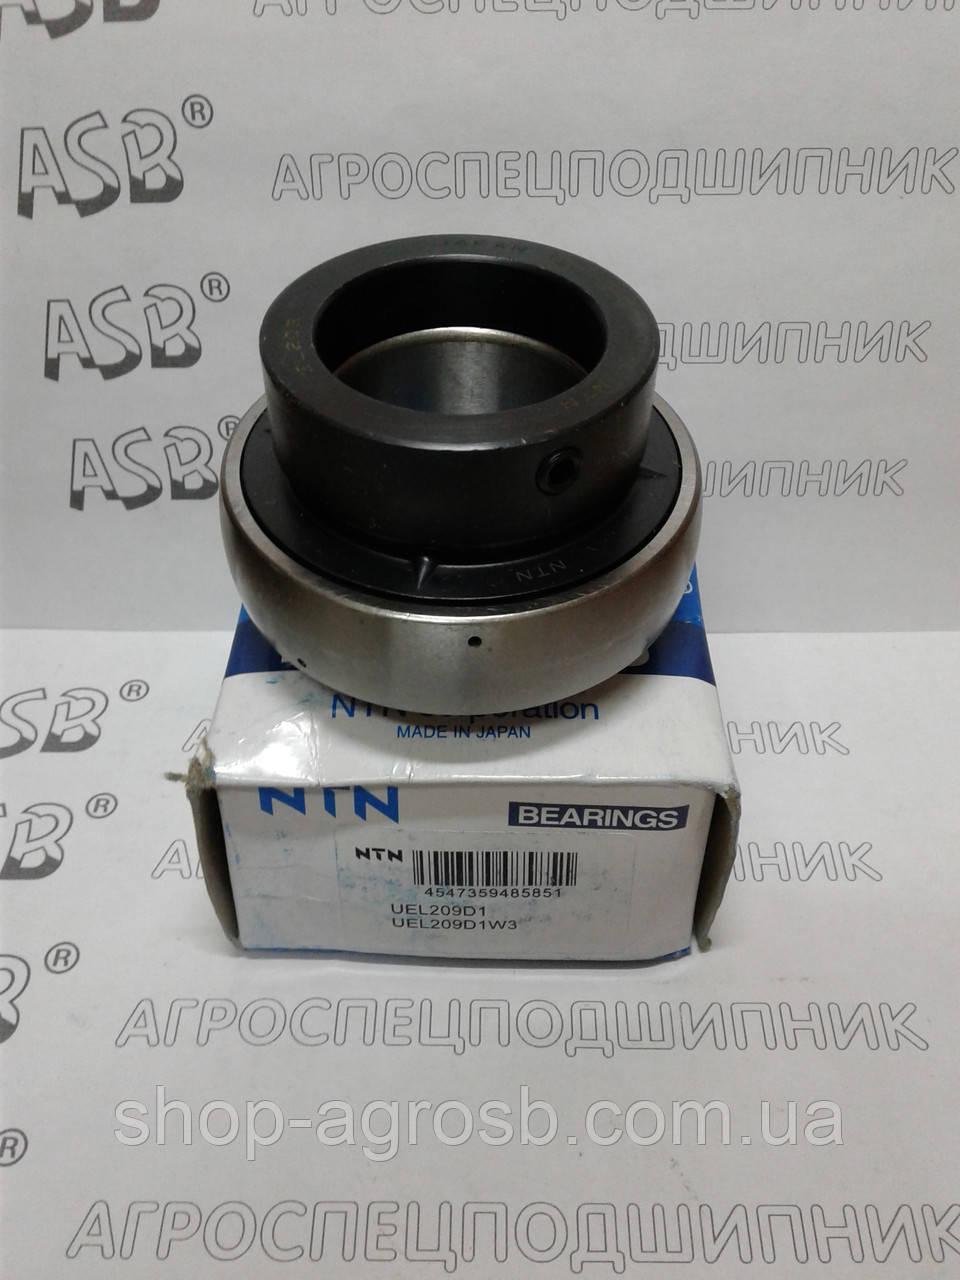 Подшипник NTN UEL209D1W3, YEL209, GE45KRRB, NA209, EX209G2